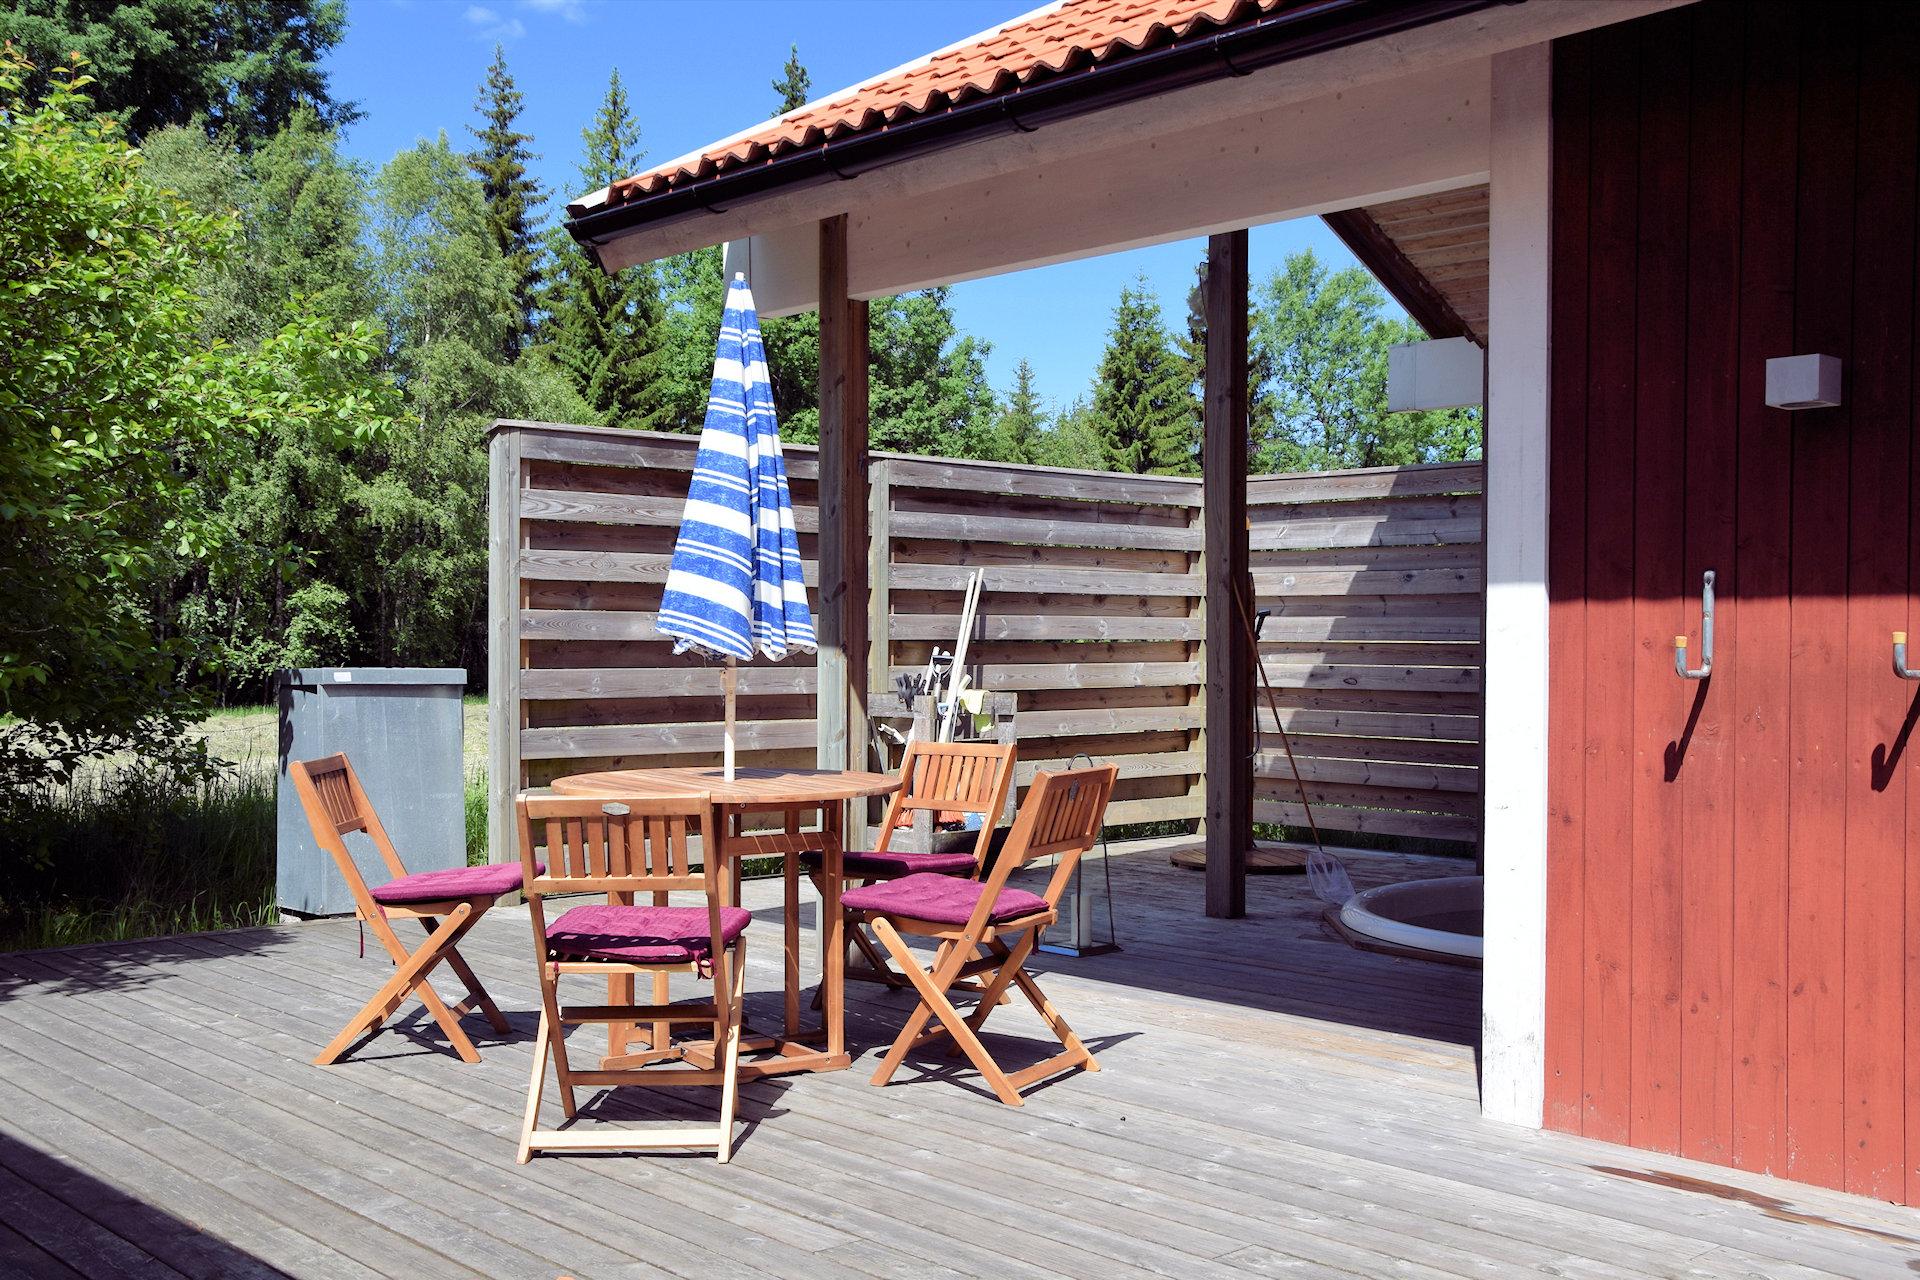 Küchenpantry bildergalerie aussen sommer 2017 schweden immobilien